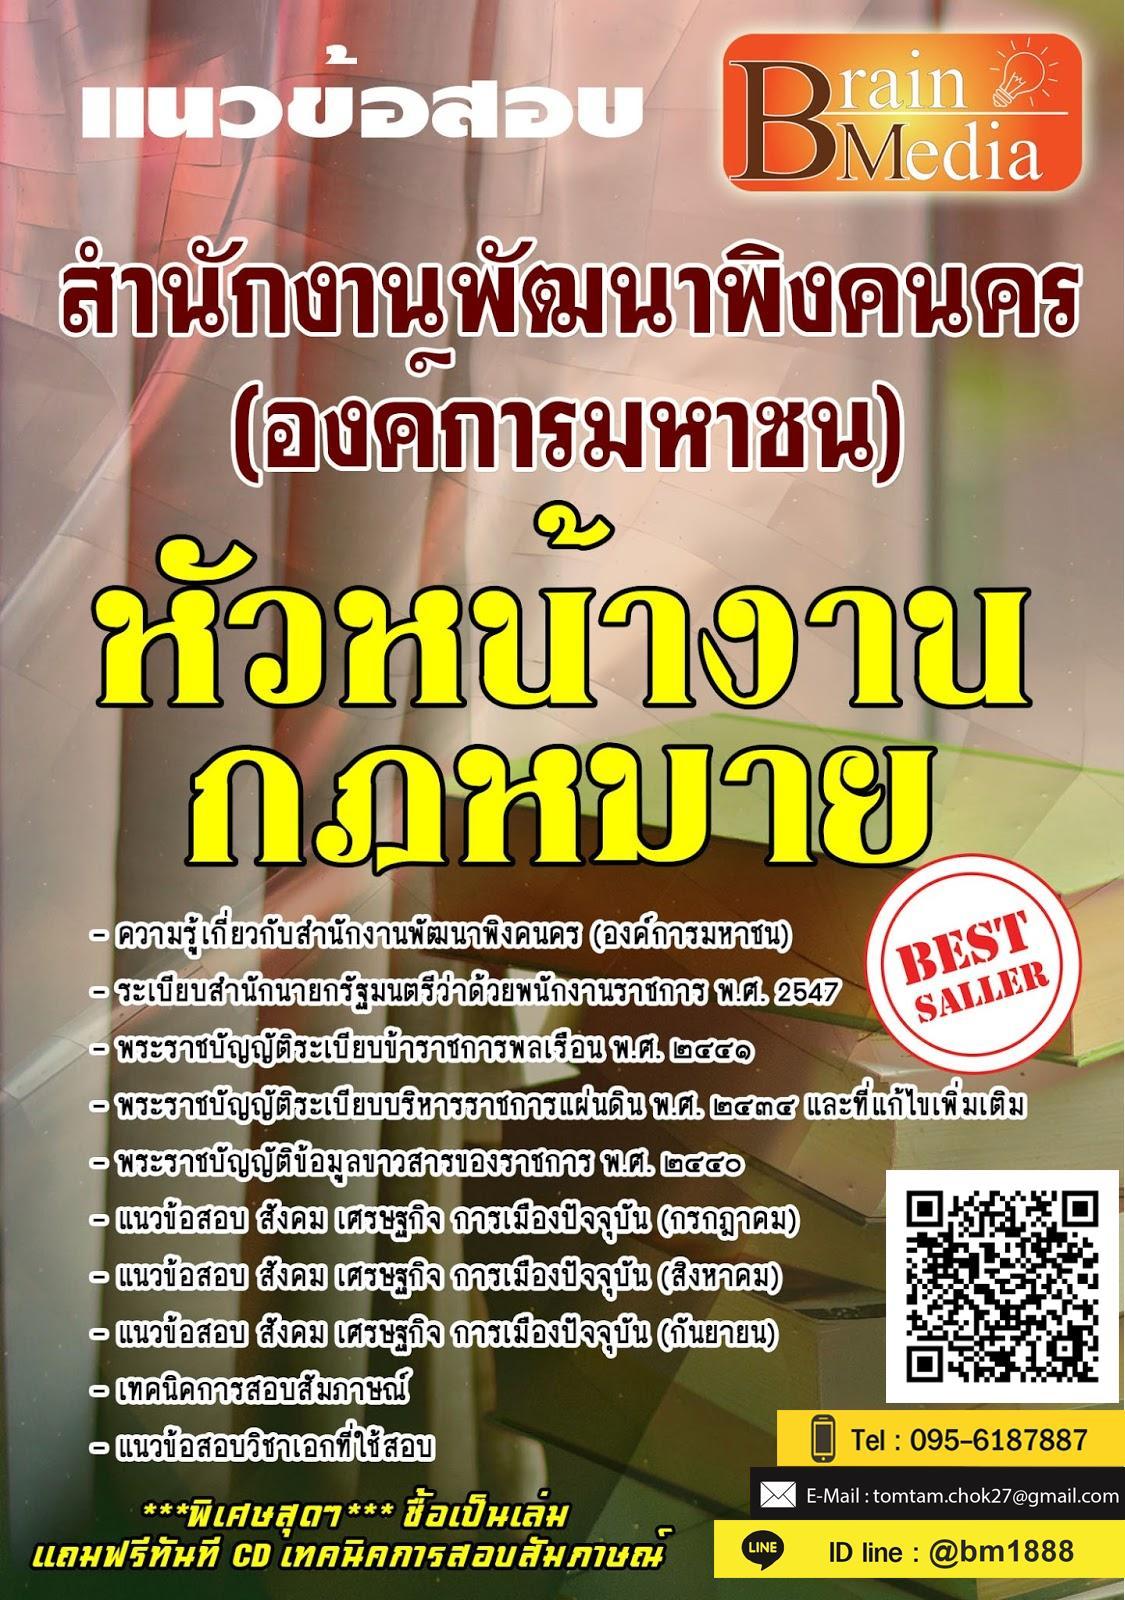 สรุปข้อสอบพร้อมเฉลย หัวหน้างานกฎหมาย สำนักงานพัฒนาพิงคนคร (องค์การมหาชน)